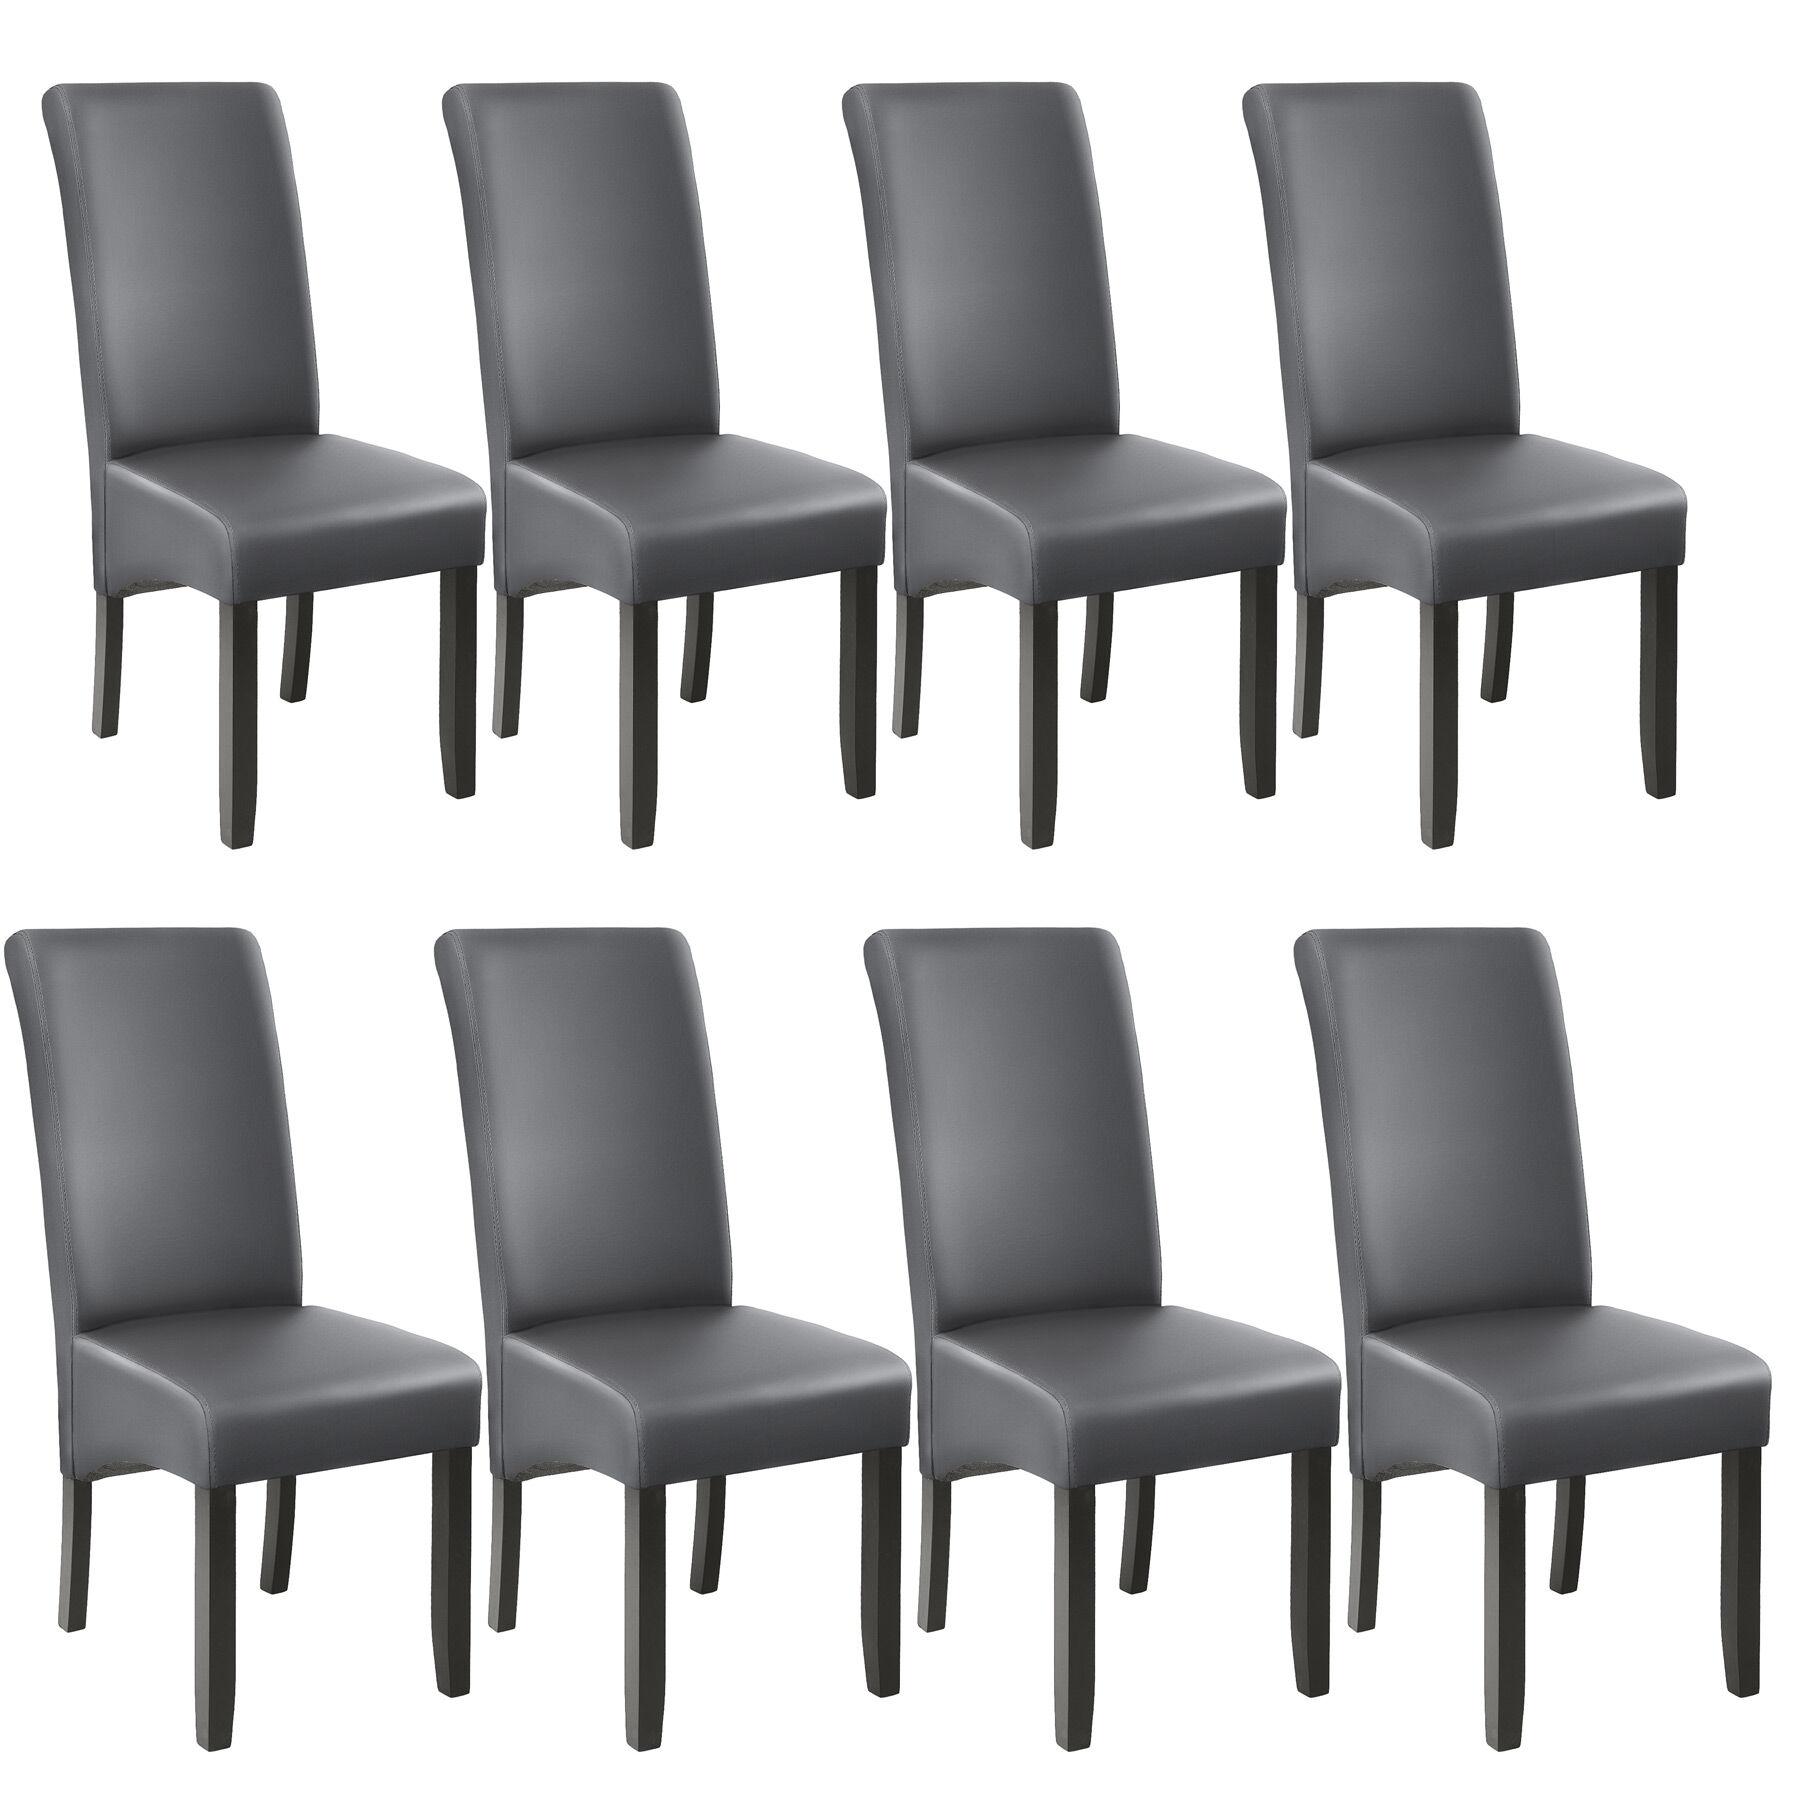 tectake Spisebordsstol, sæt med 8 - grå